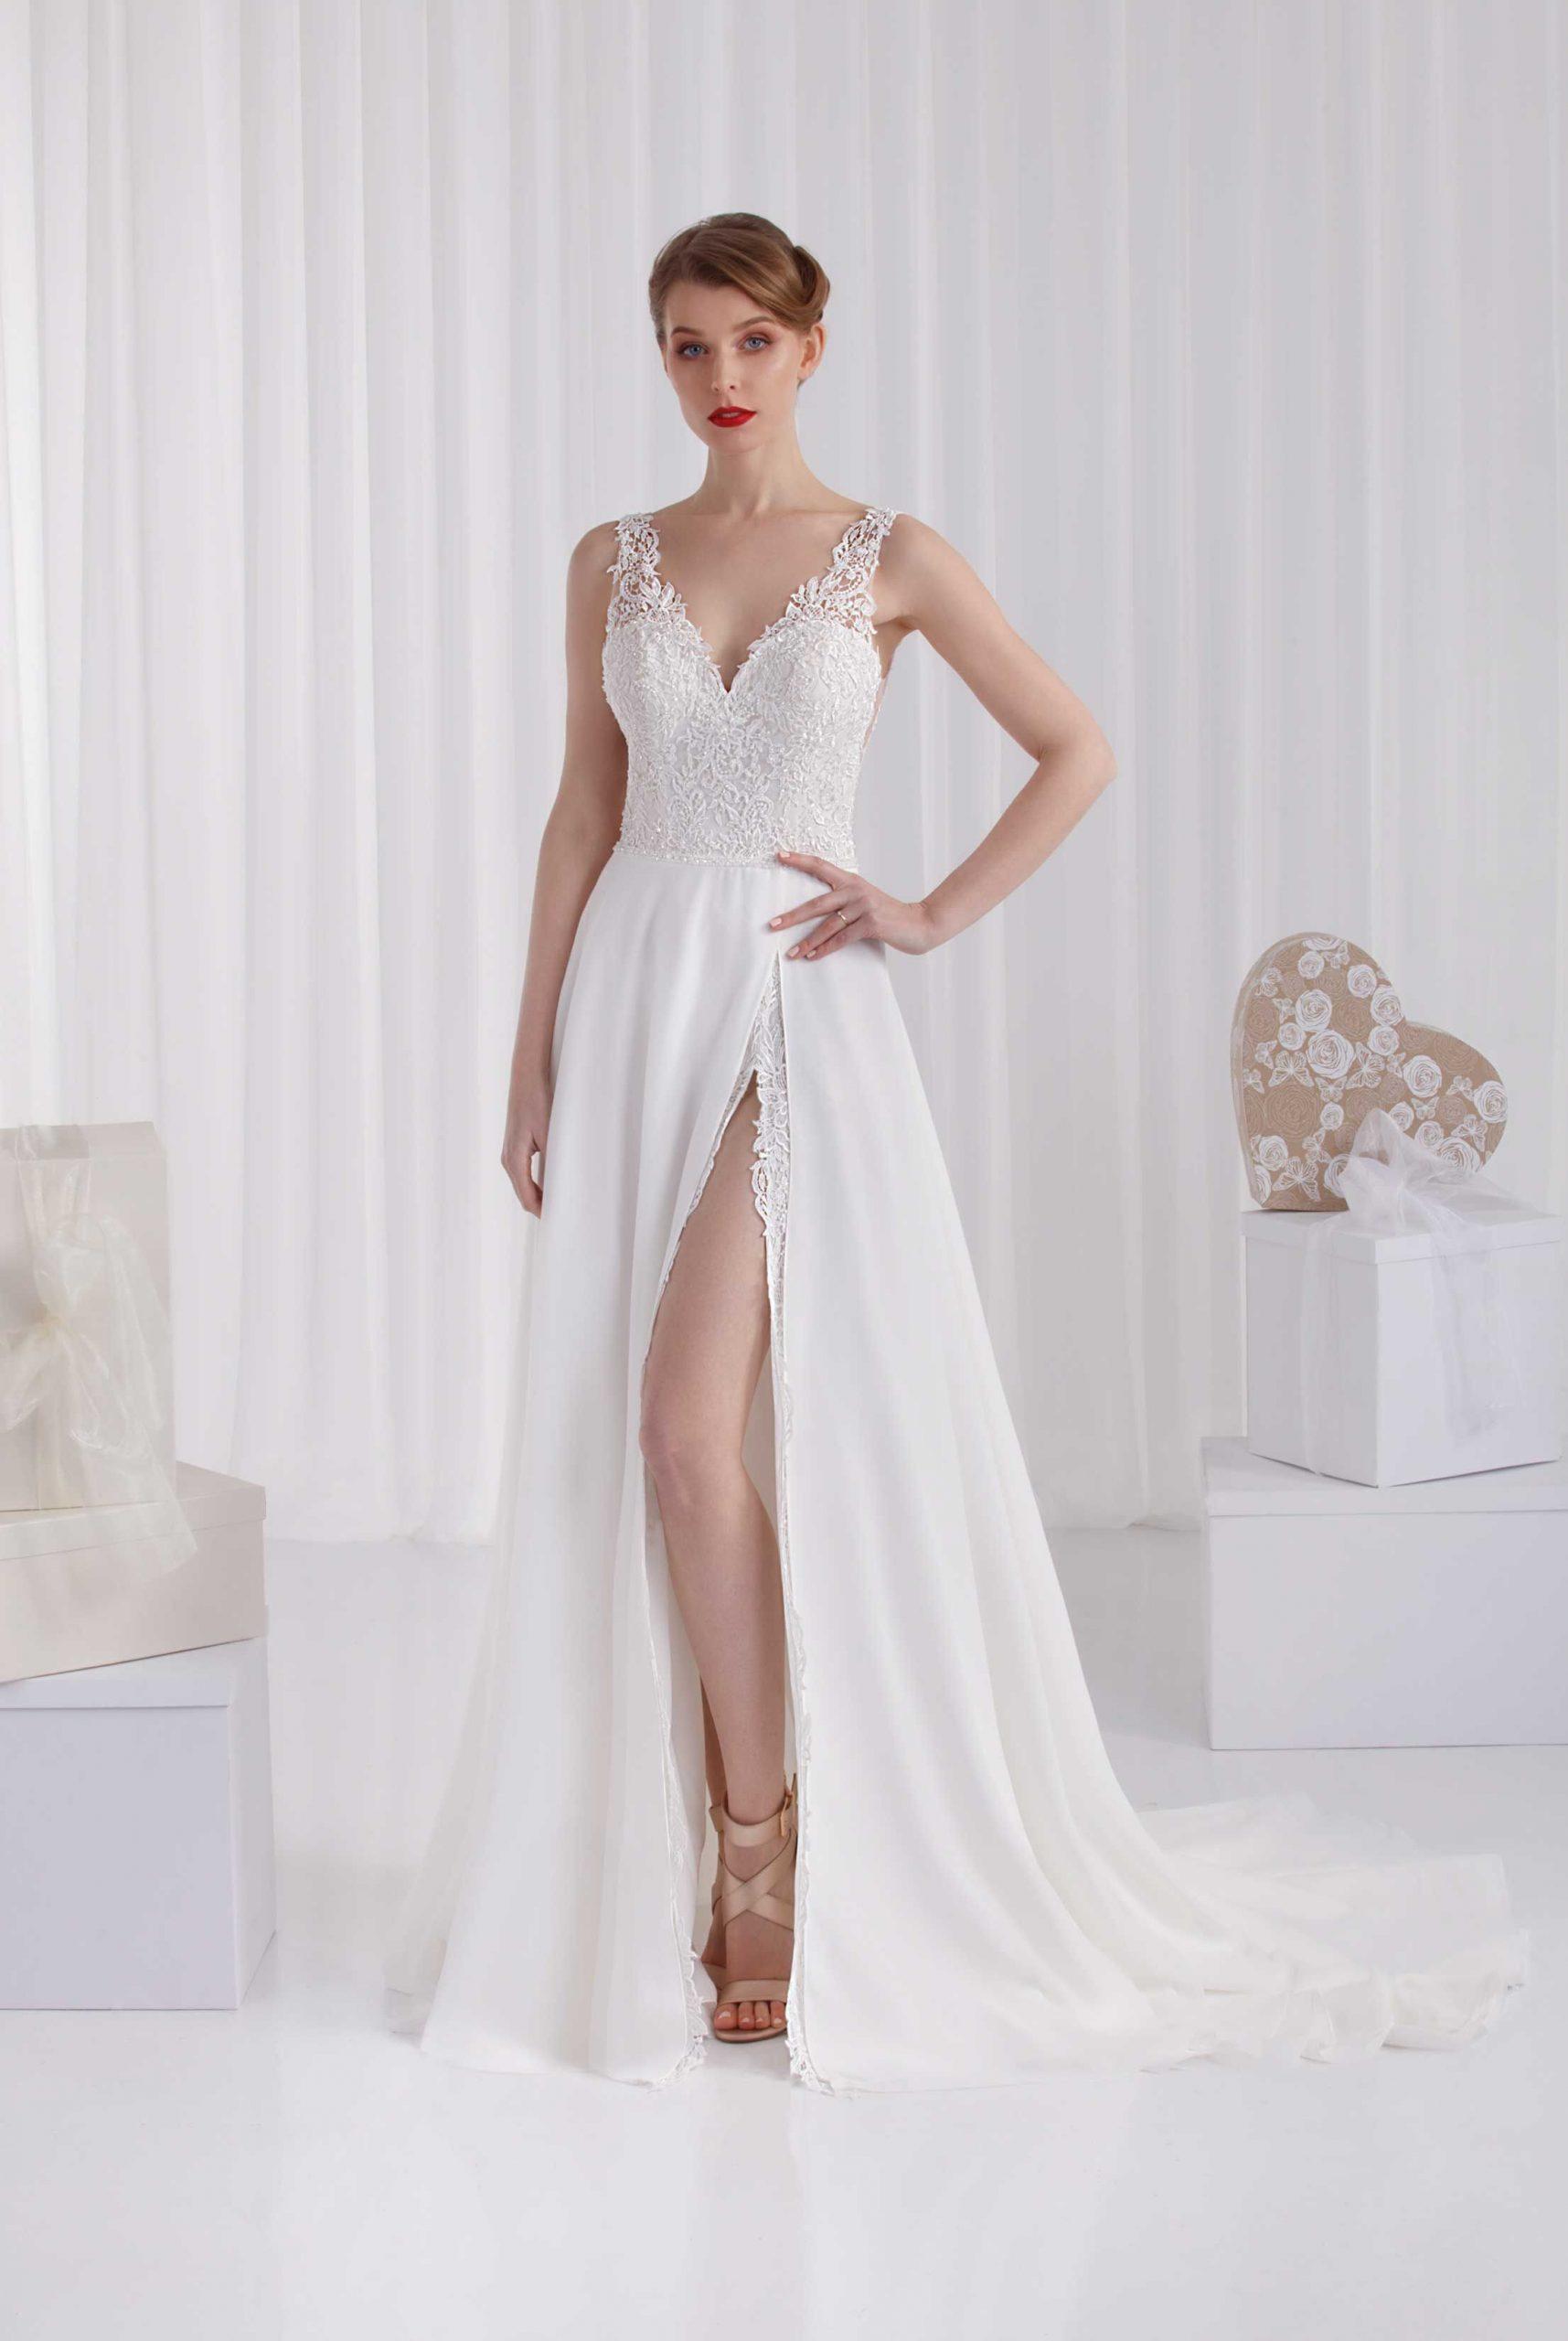 17 Fantastisch Brautmode Design20 Schön Brautmode Bester Preis